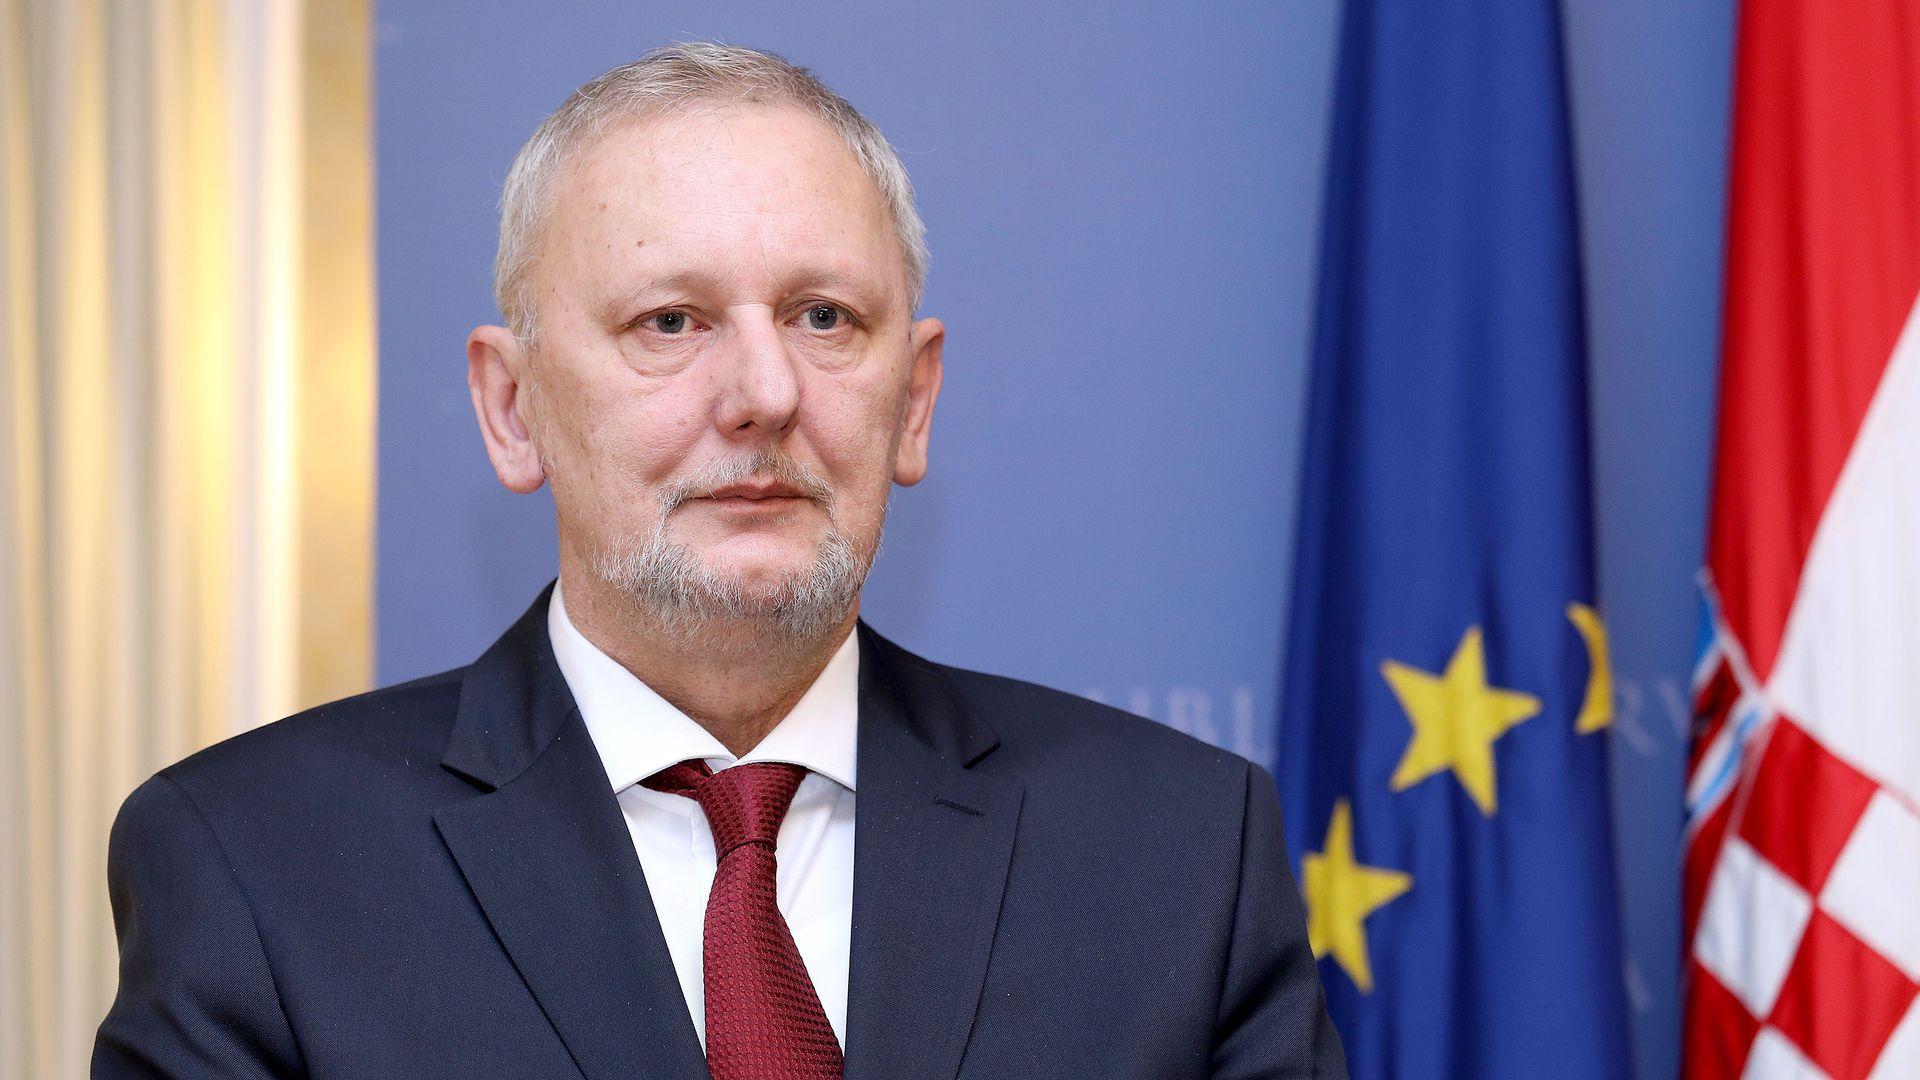 Загреб: Гранични спор са Словенијом може да буде решен само билатералним договором